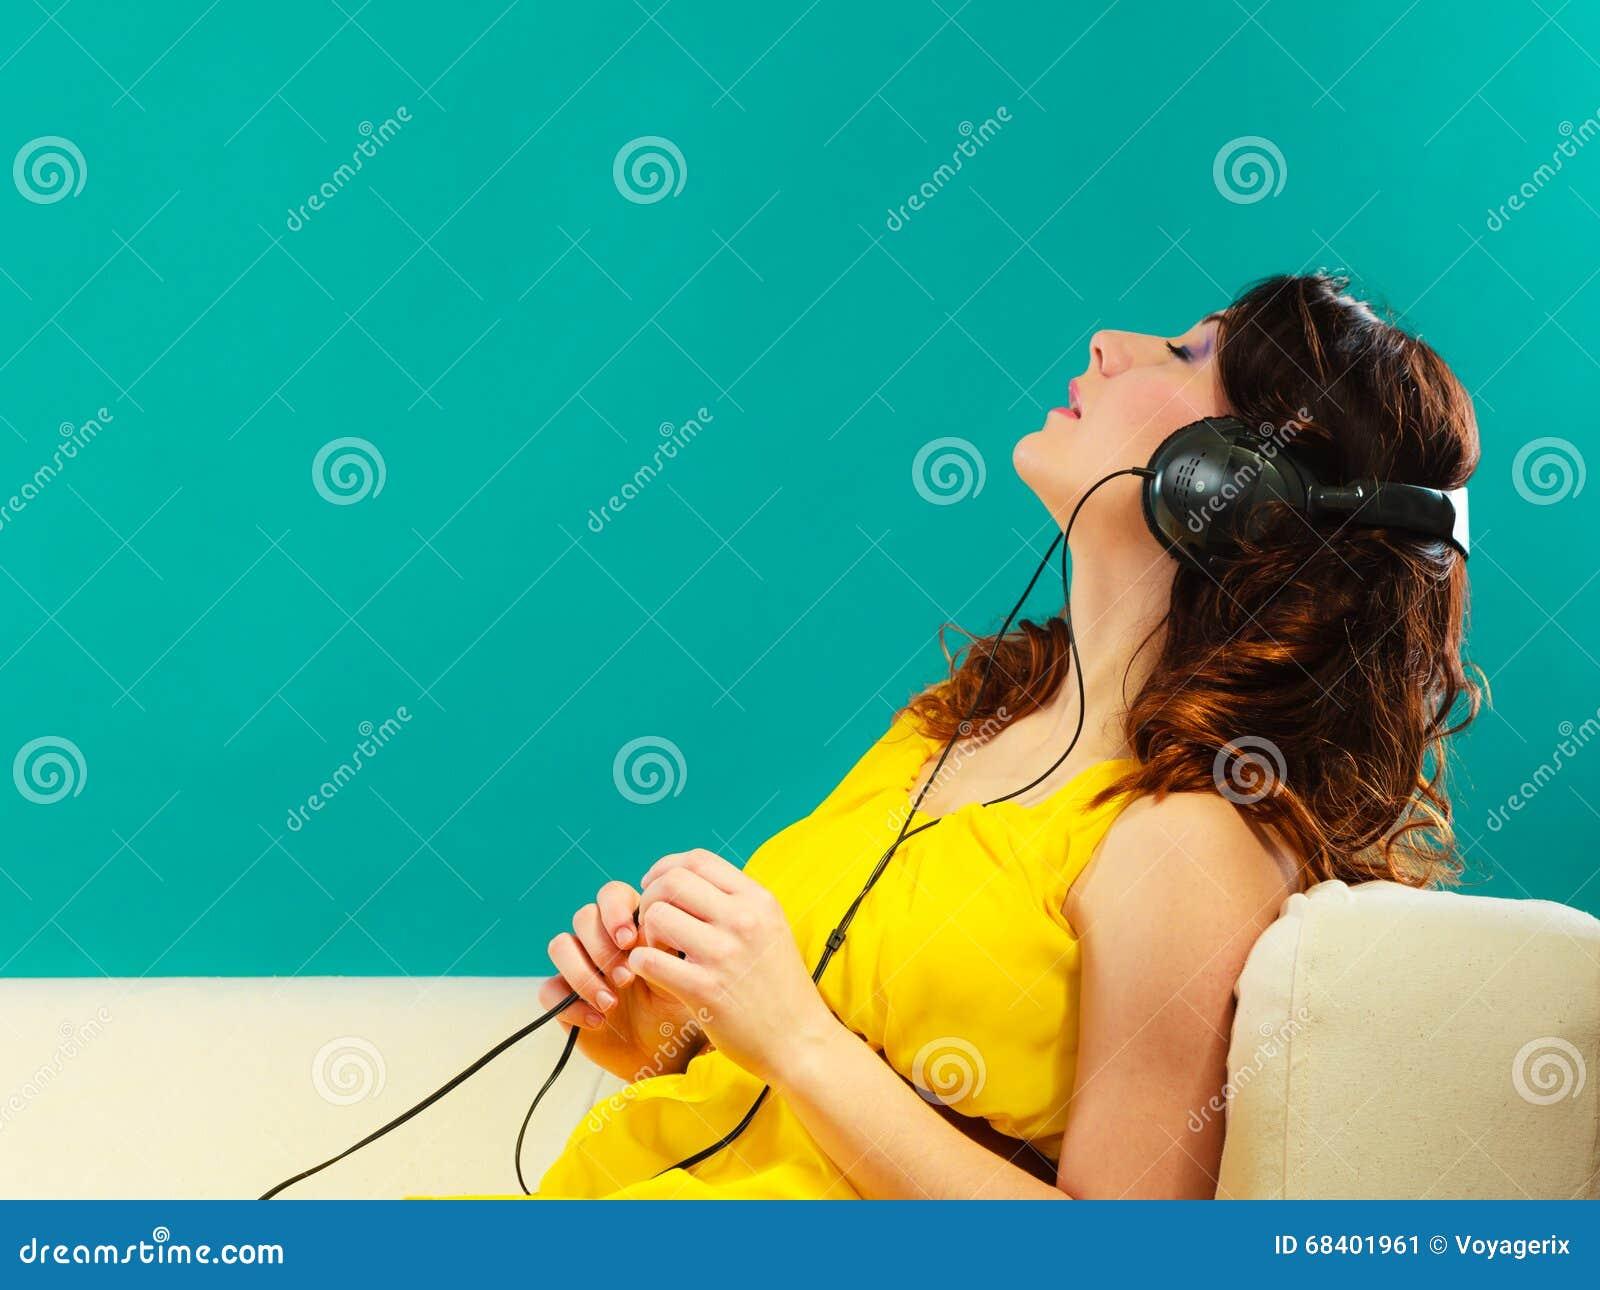 девушка в музыке Mp3 больших наушников слушая ослабляя стоковое